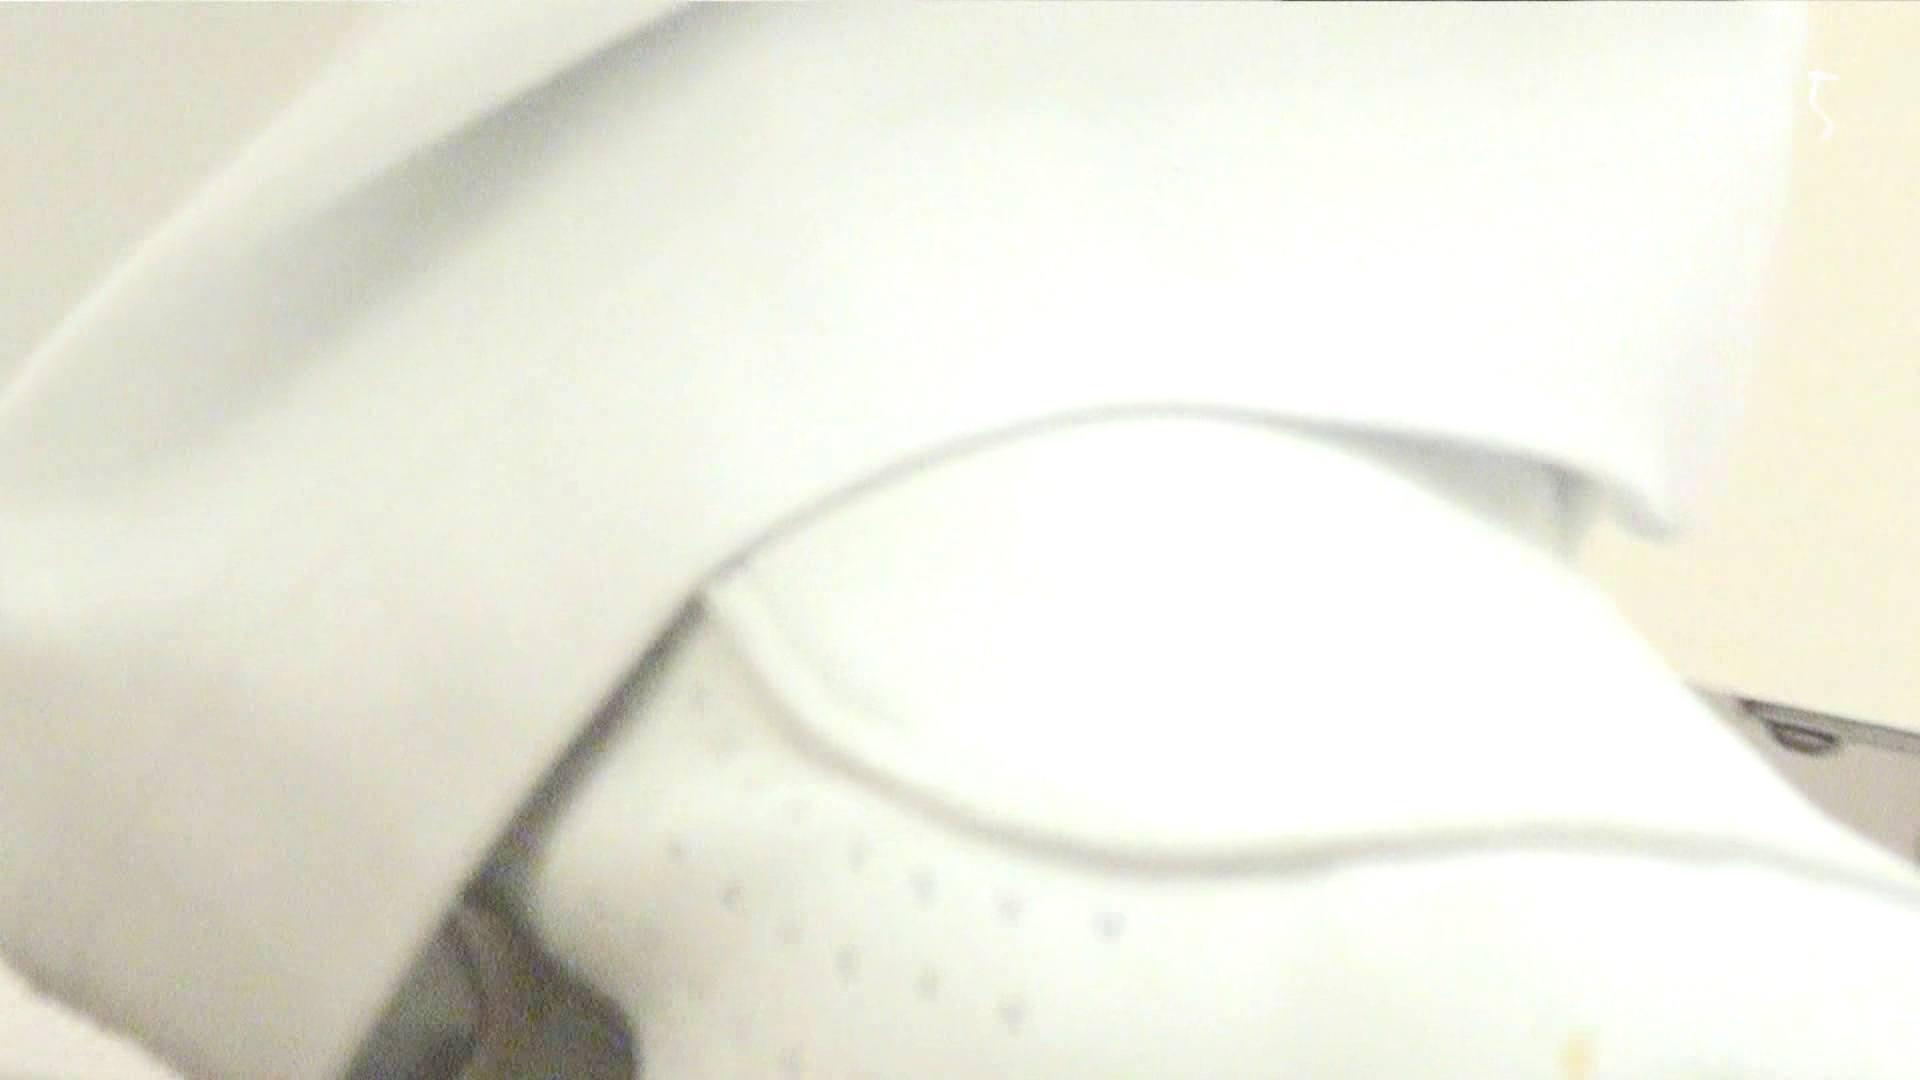 ナースのお小水 vol.005 ナース  68枚 7